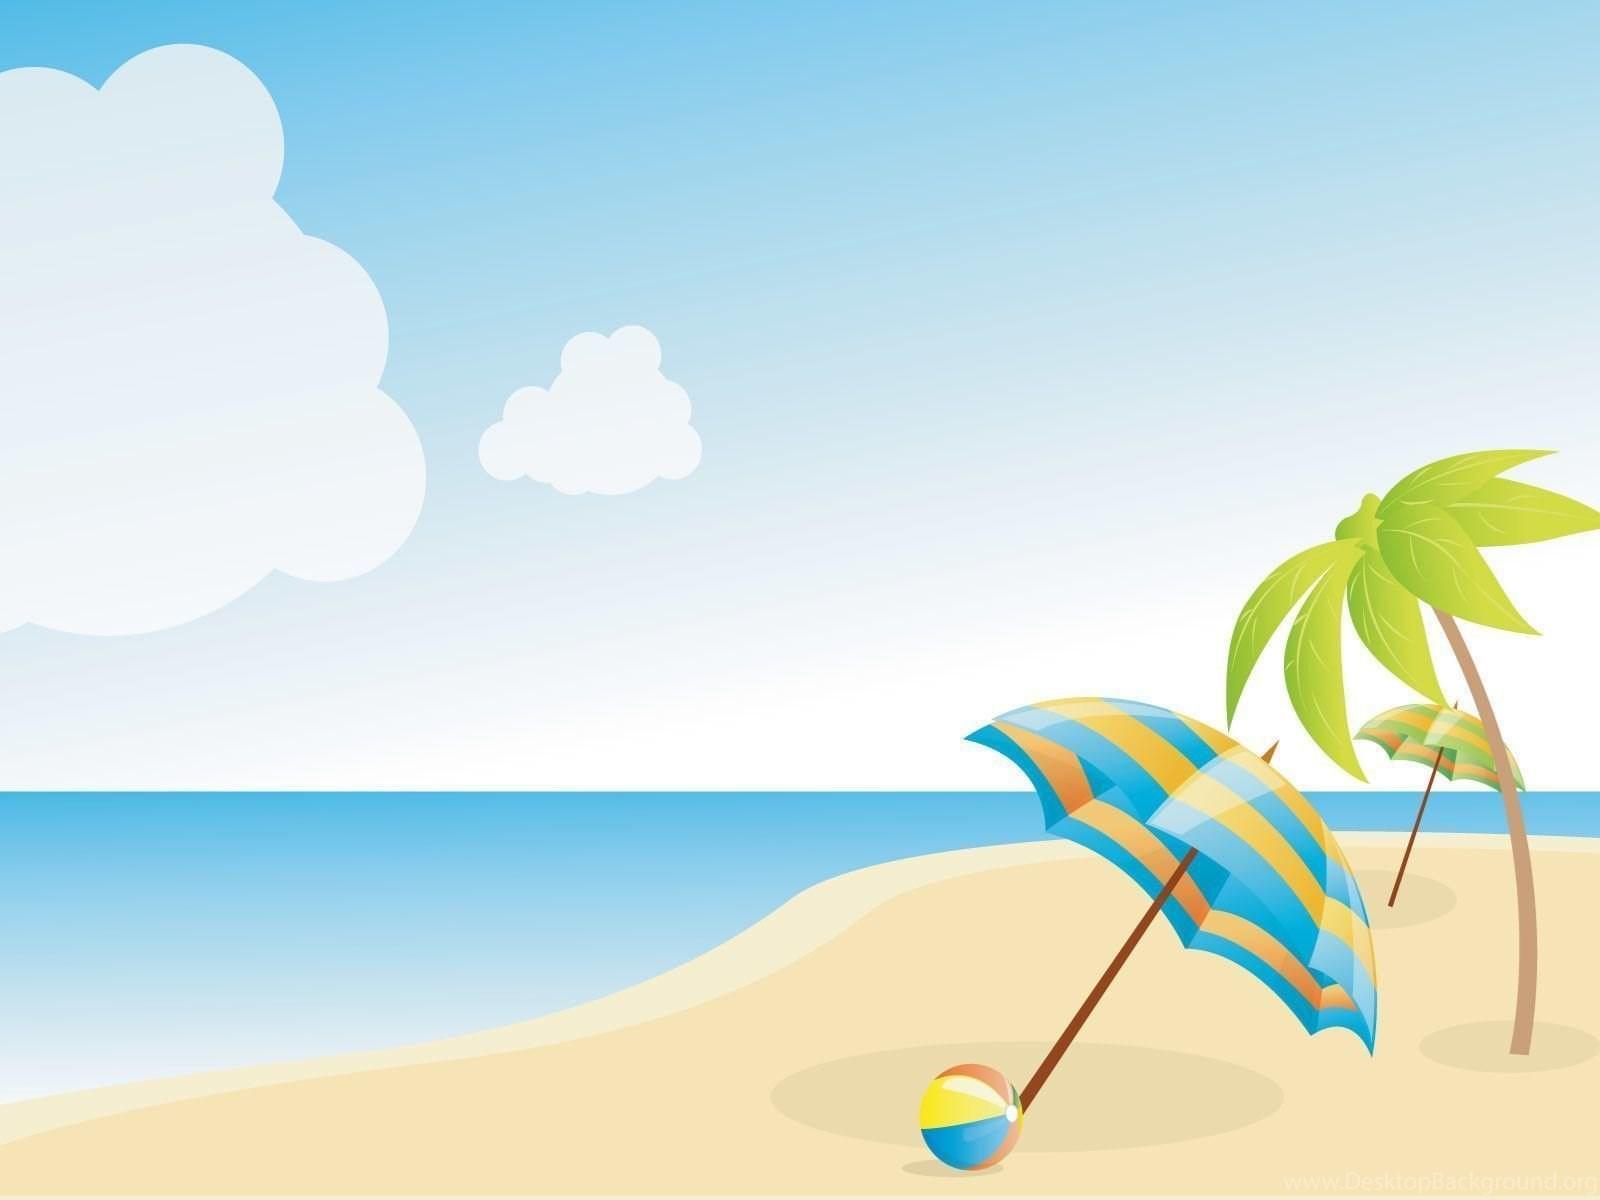 Картинки лето пляж нарисованные, для открыток развертка